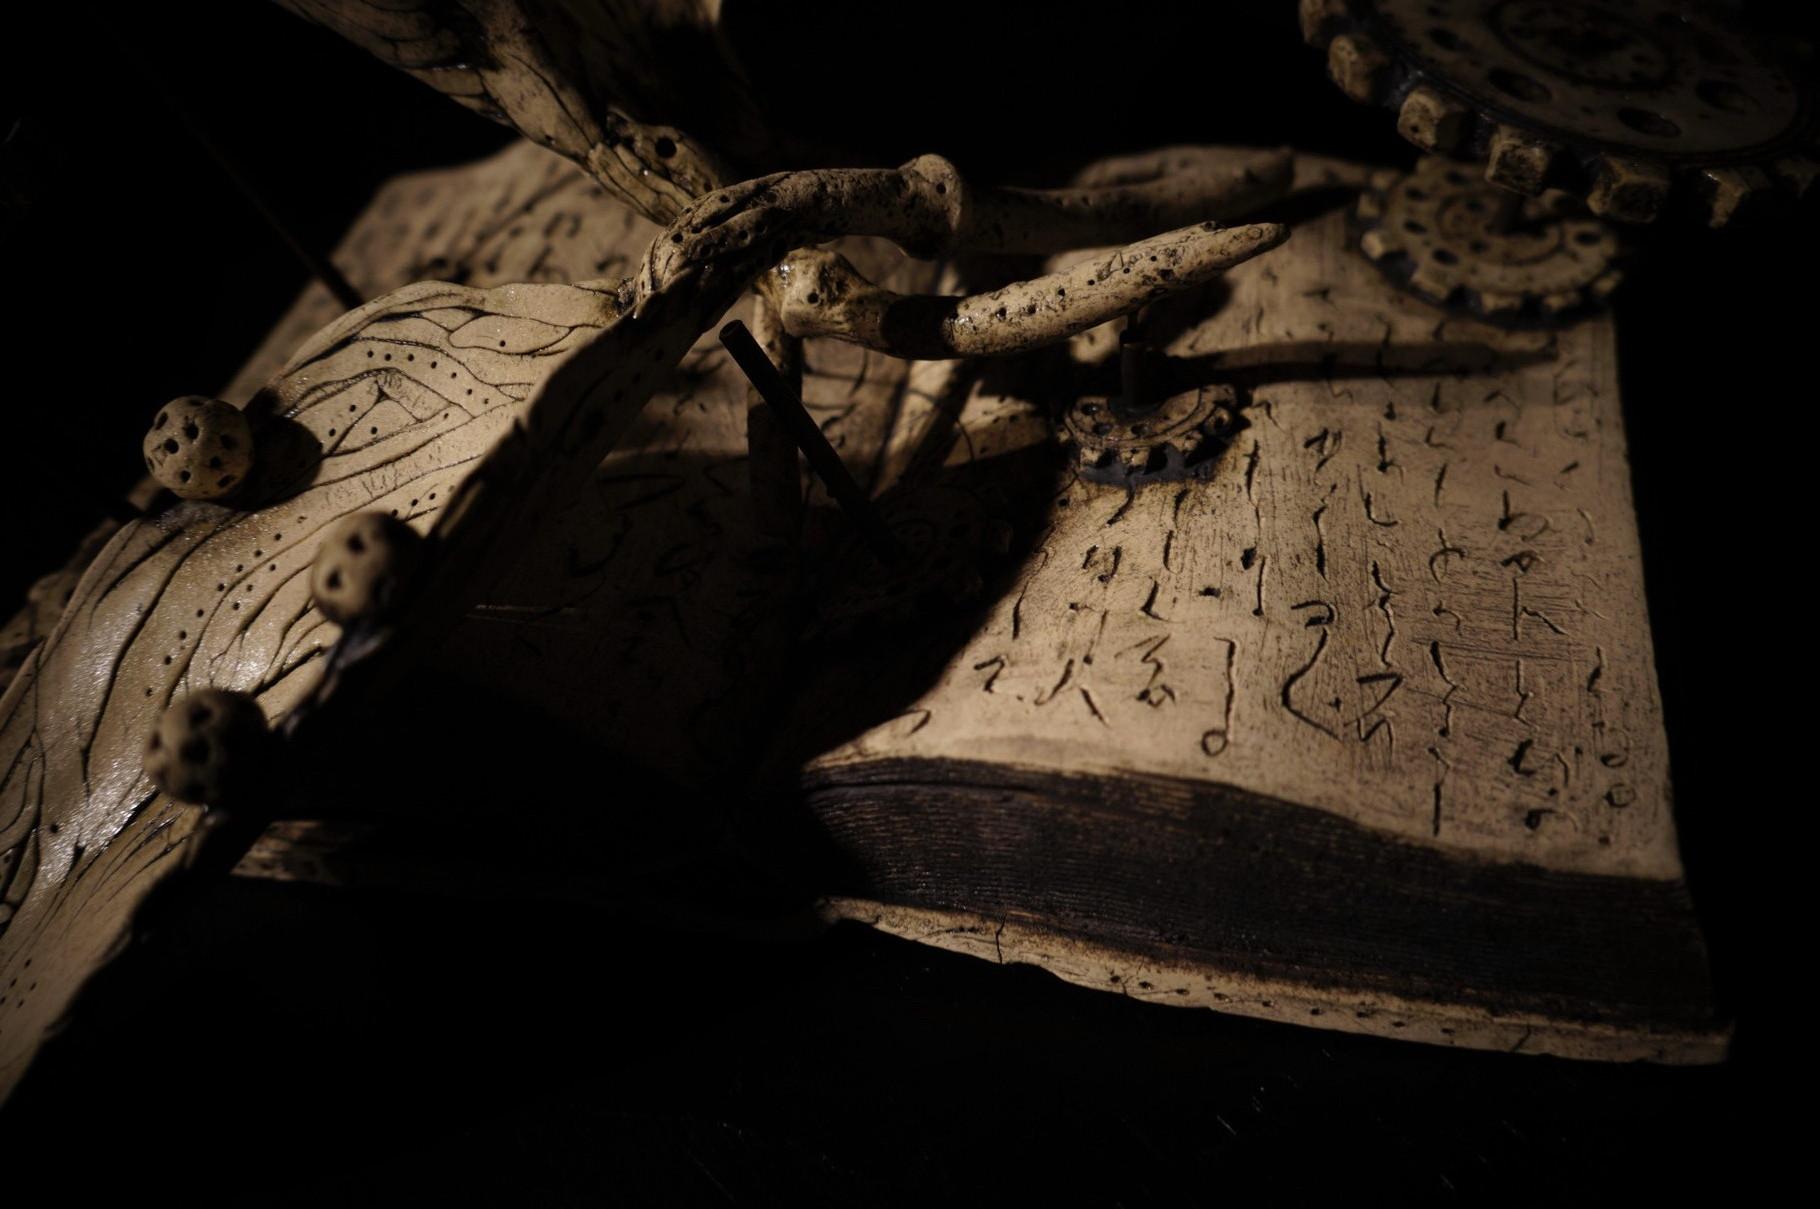 遠い物語を読みふけり